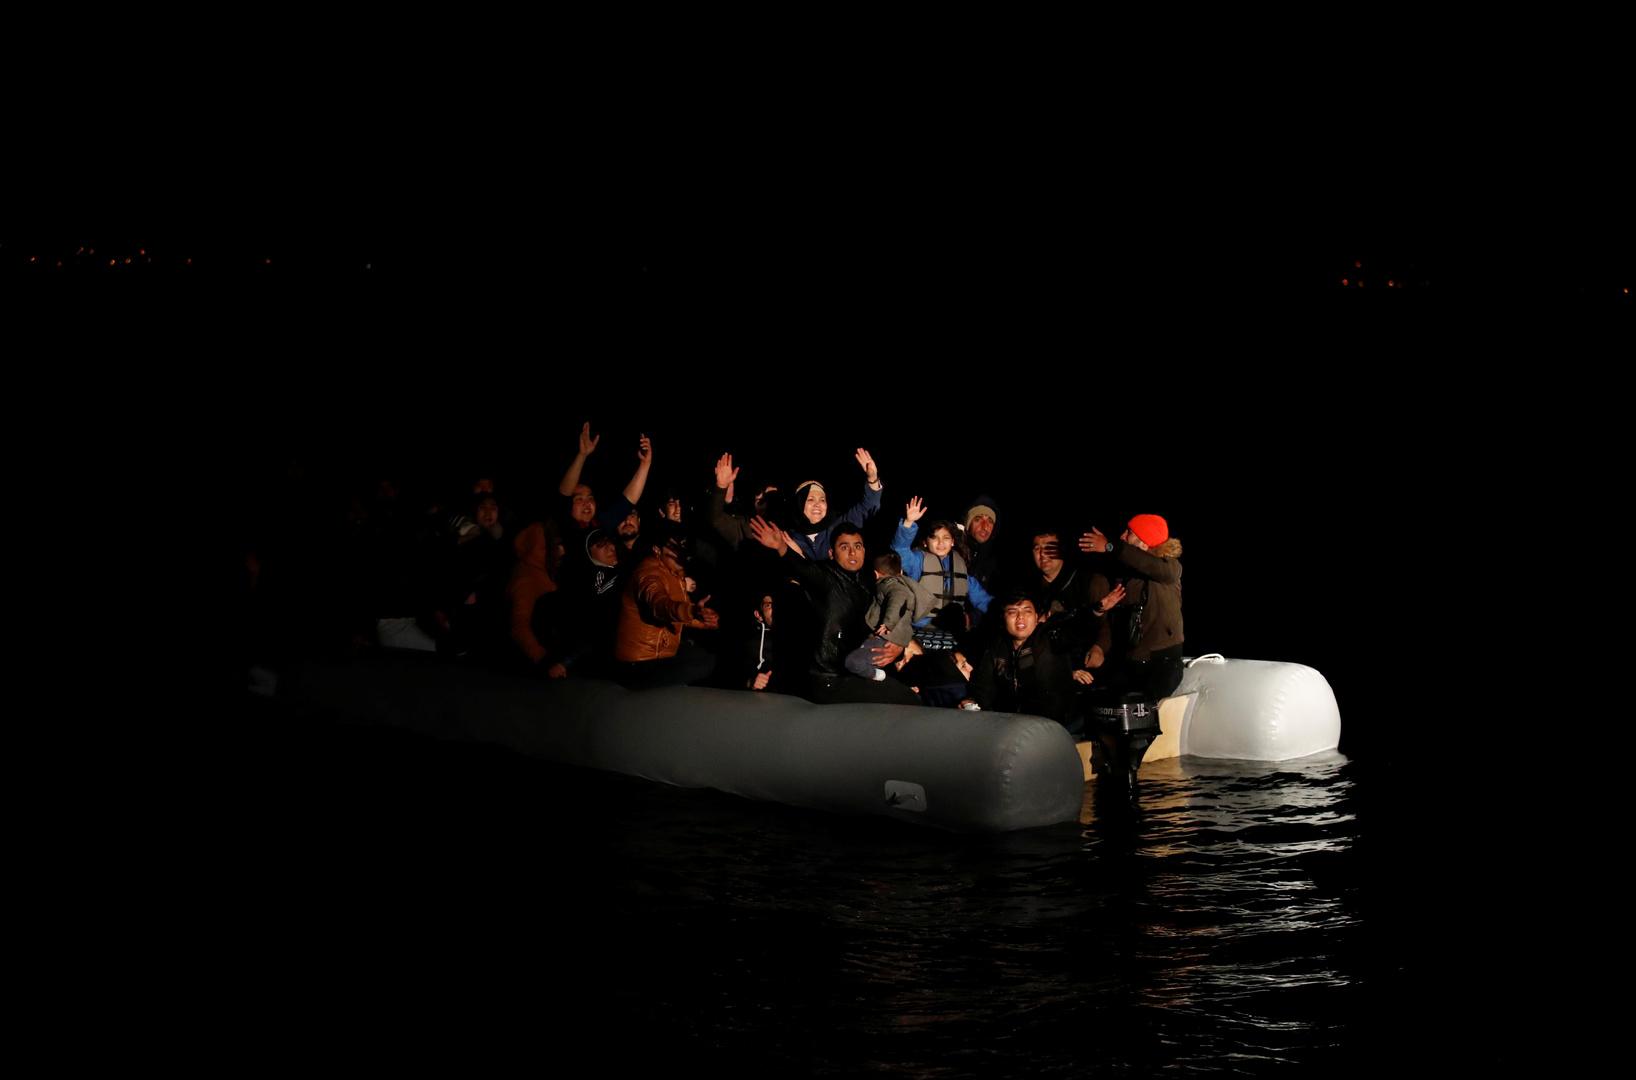 خفر السواحل التركي ينقذ 9 مهاجرين قبالة سواحل إزمير غرب البلاد